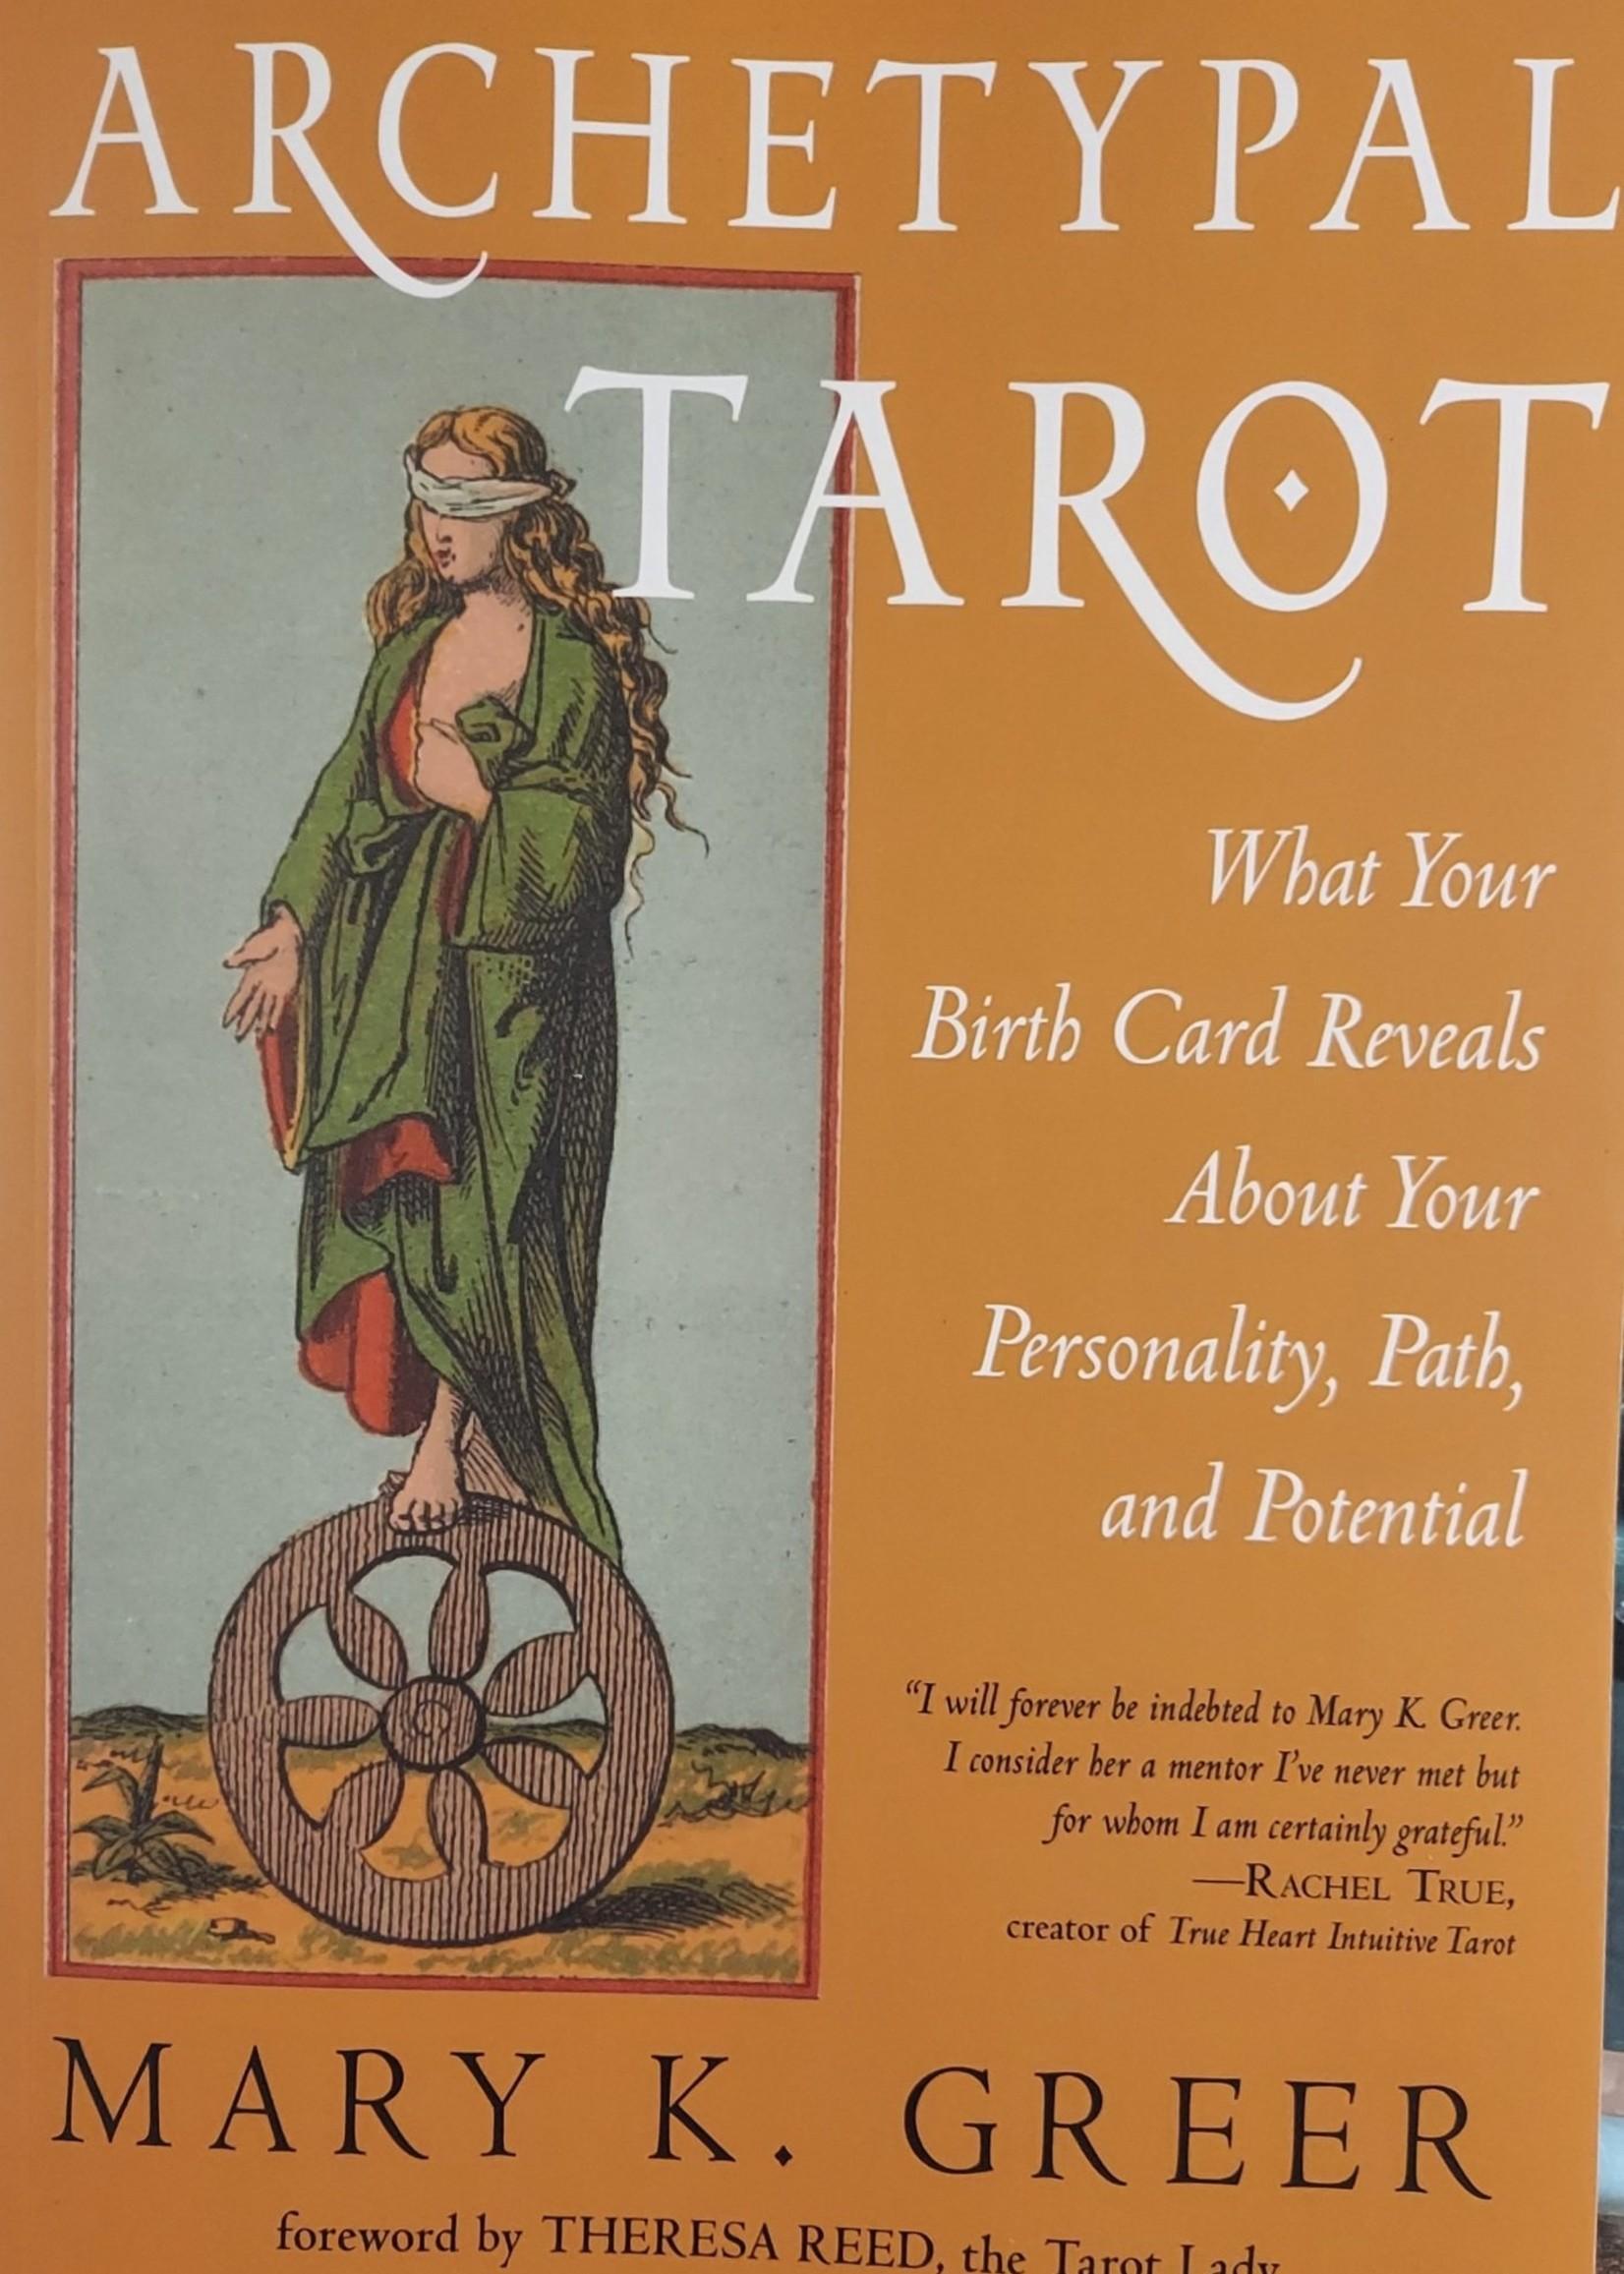 Archetypal Tarot-Author Mary K. Greer